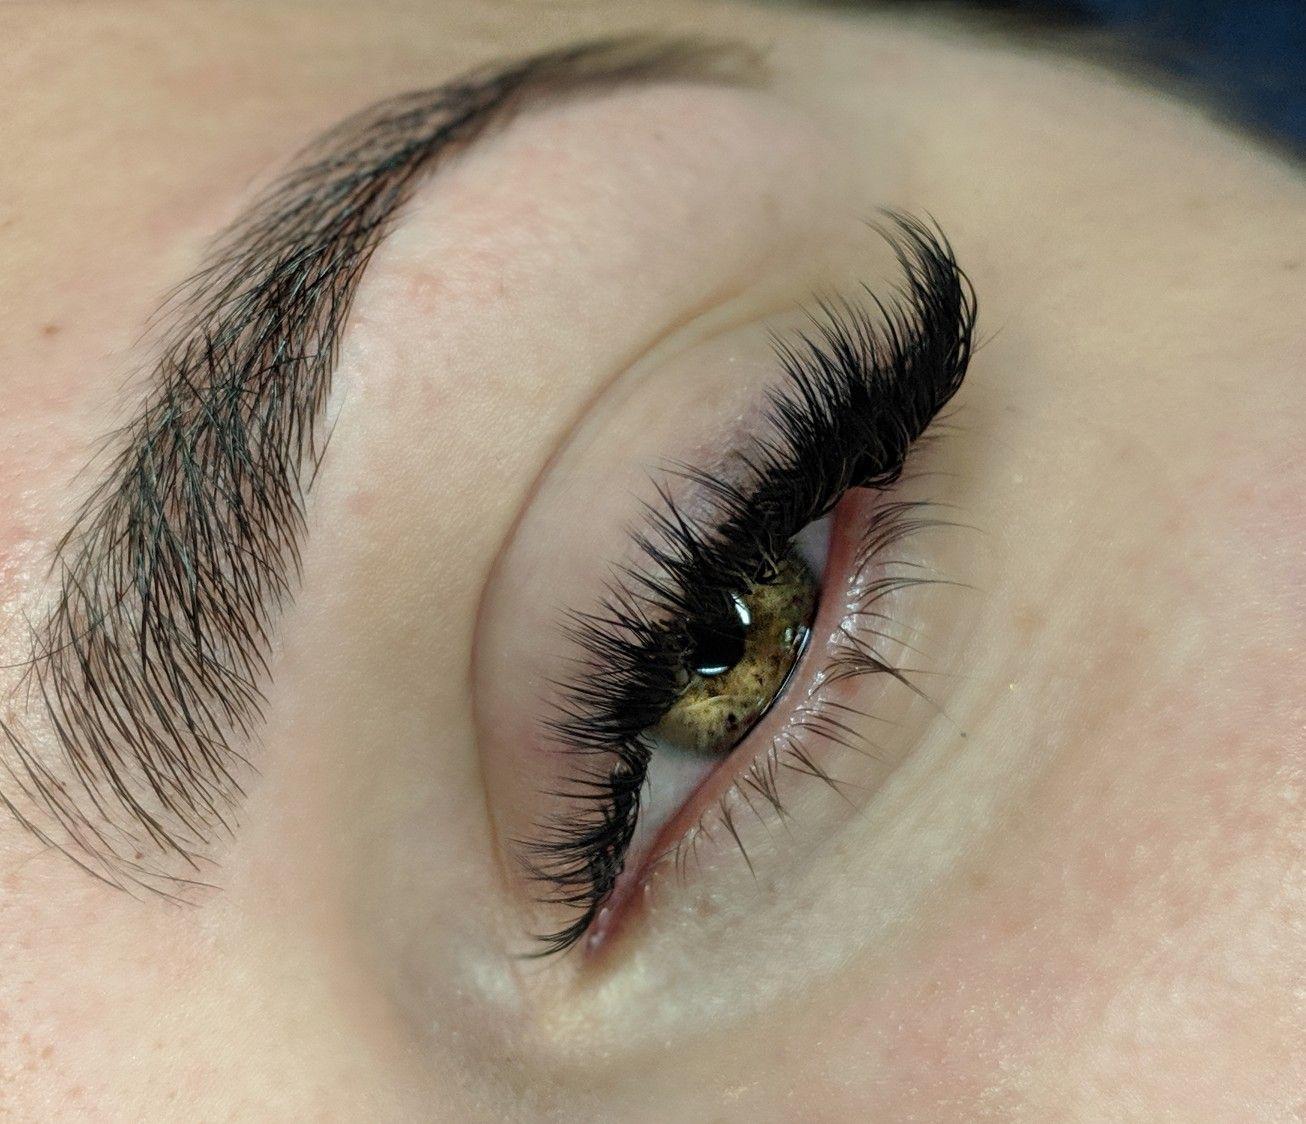 Cat eye hybrid lash extensions•hybrid lashes•volume lashes• yeg lash extensions• yeg hybrid lashes